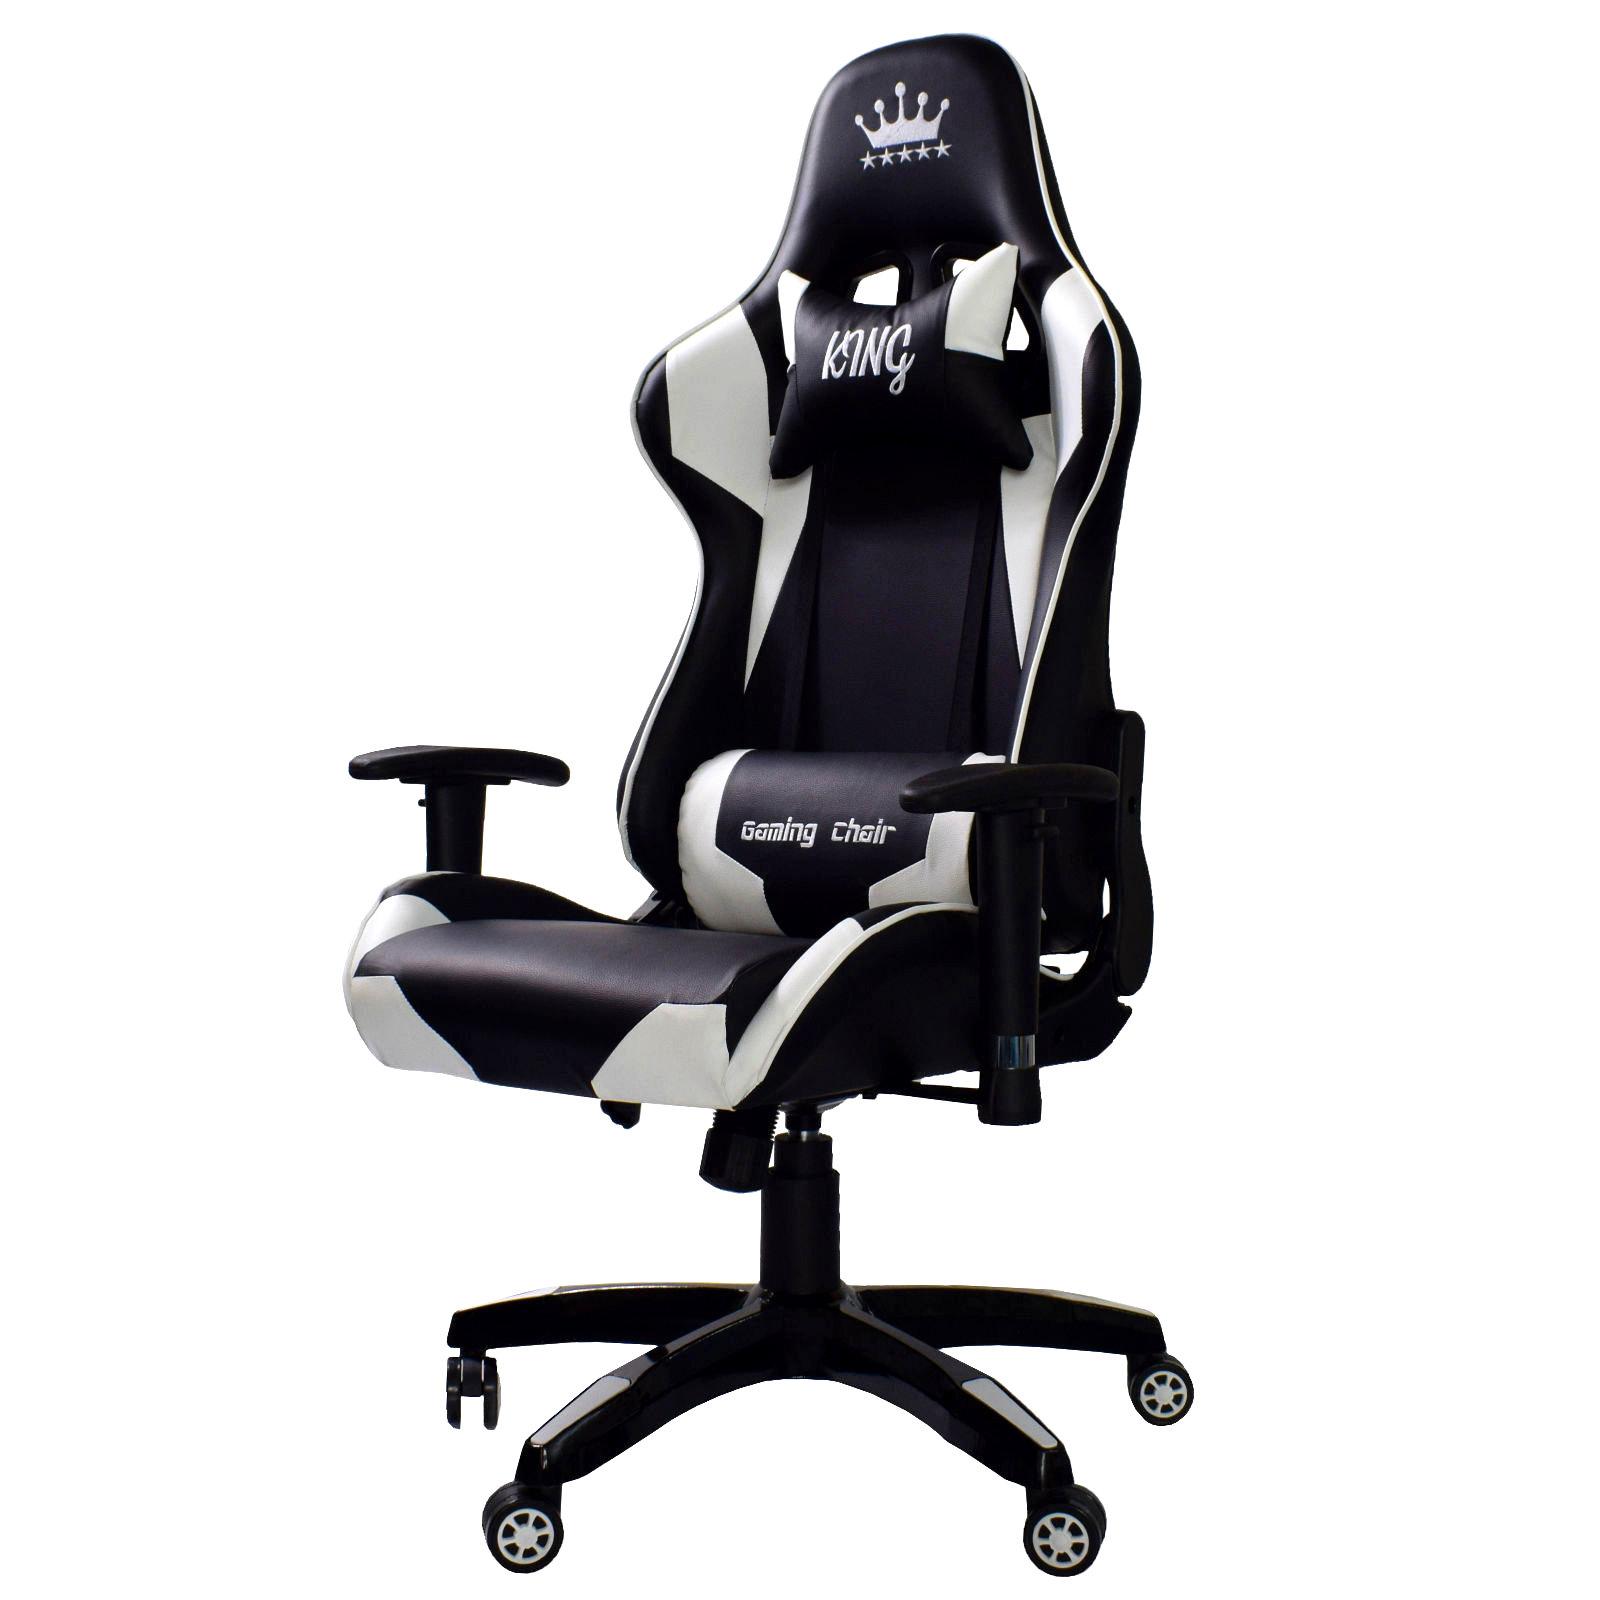 Büro & Schreibwaren Initiative Bürostuhl Race Schwarz Gaming Chefsessel Racer Drehstuhl Schreibtischstuhl Produkte Werden Ohne EinschräNkungen Verkauft